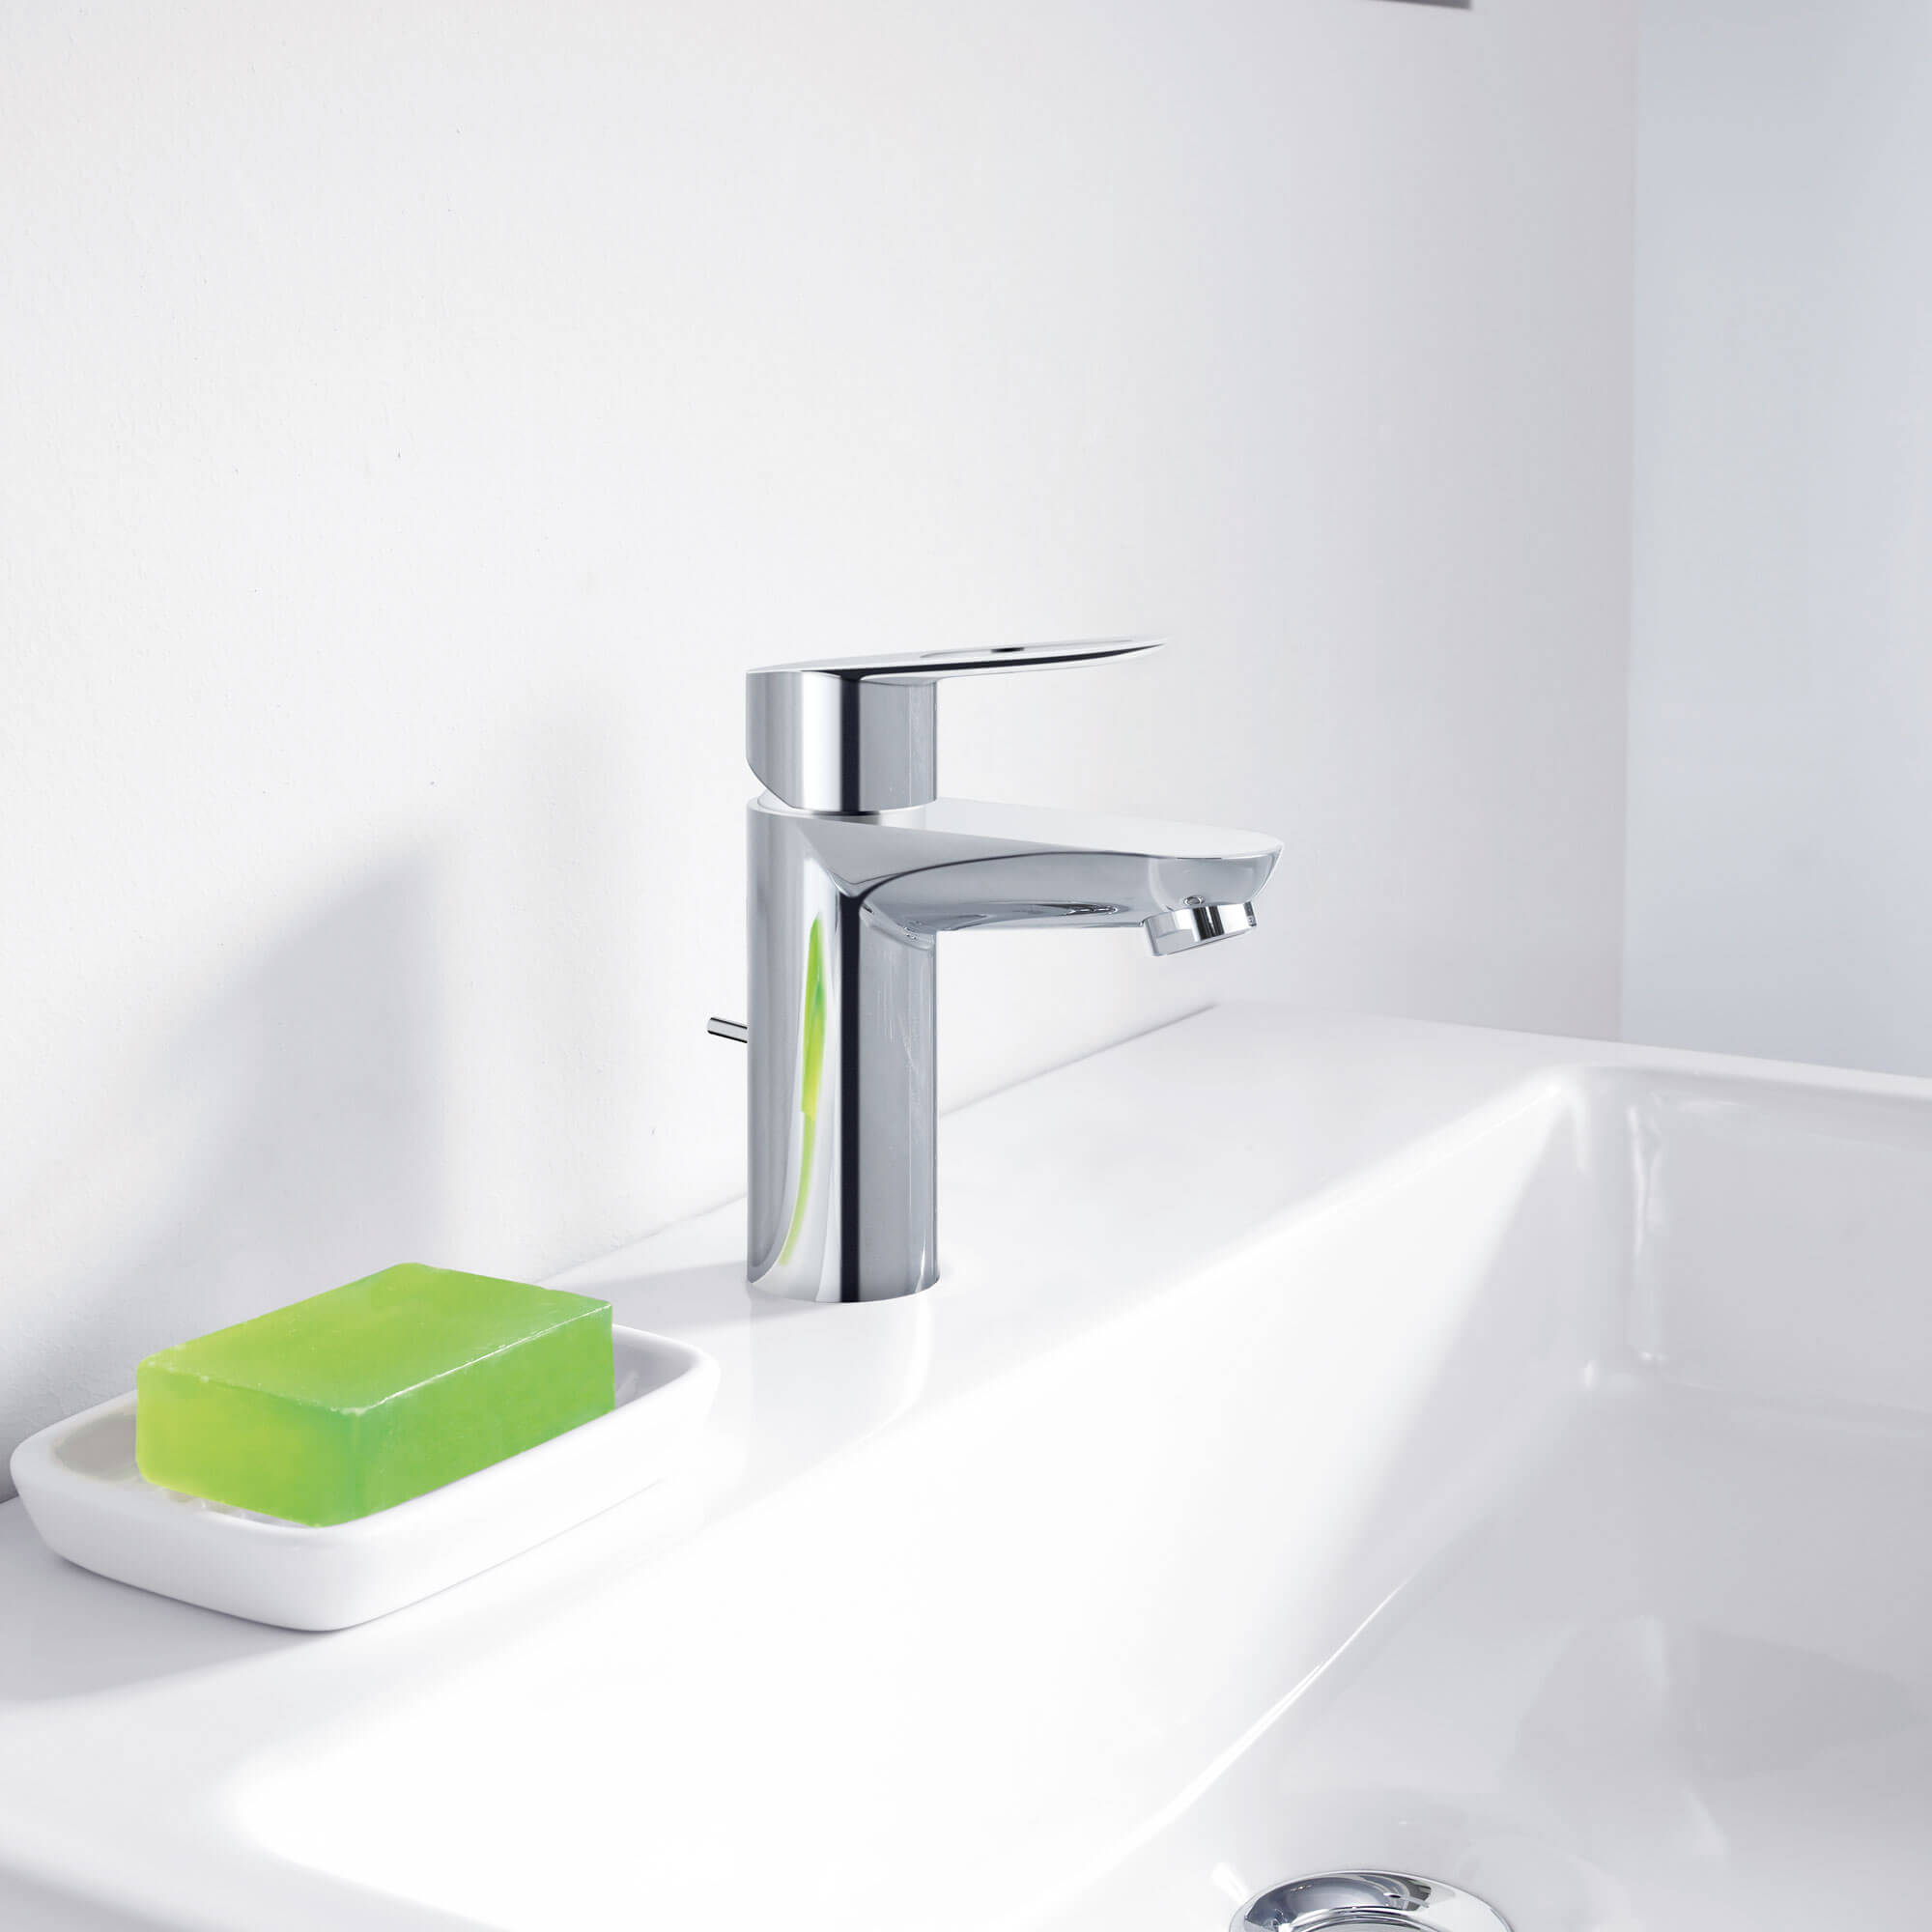 Bauloop Bathroom Sink Faucet by Grohe